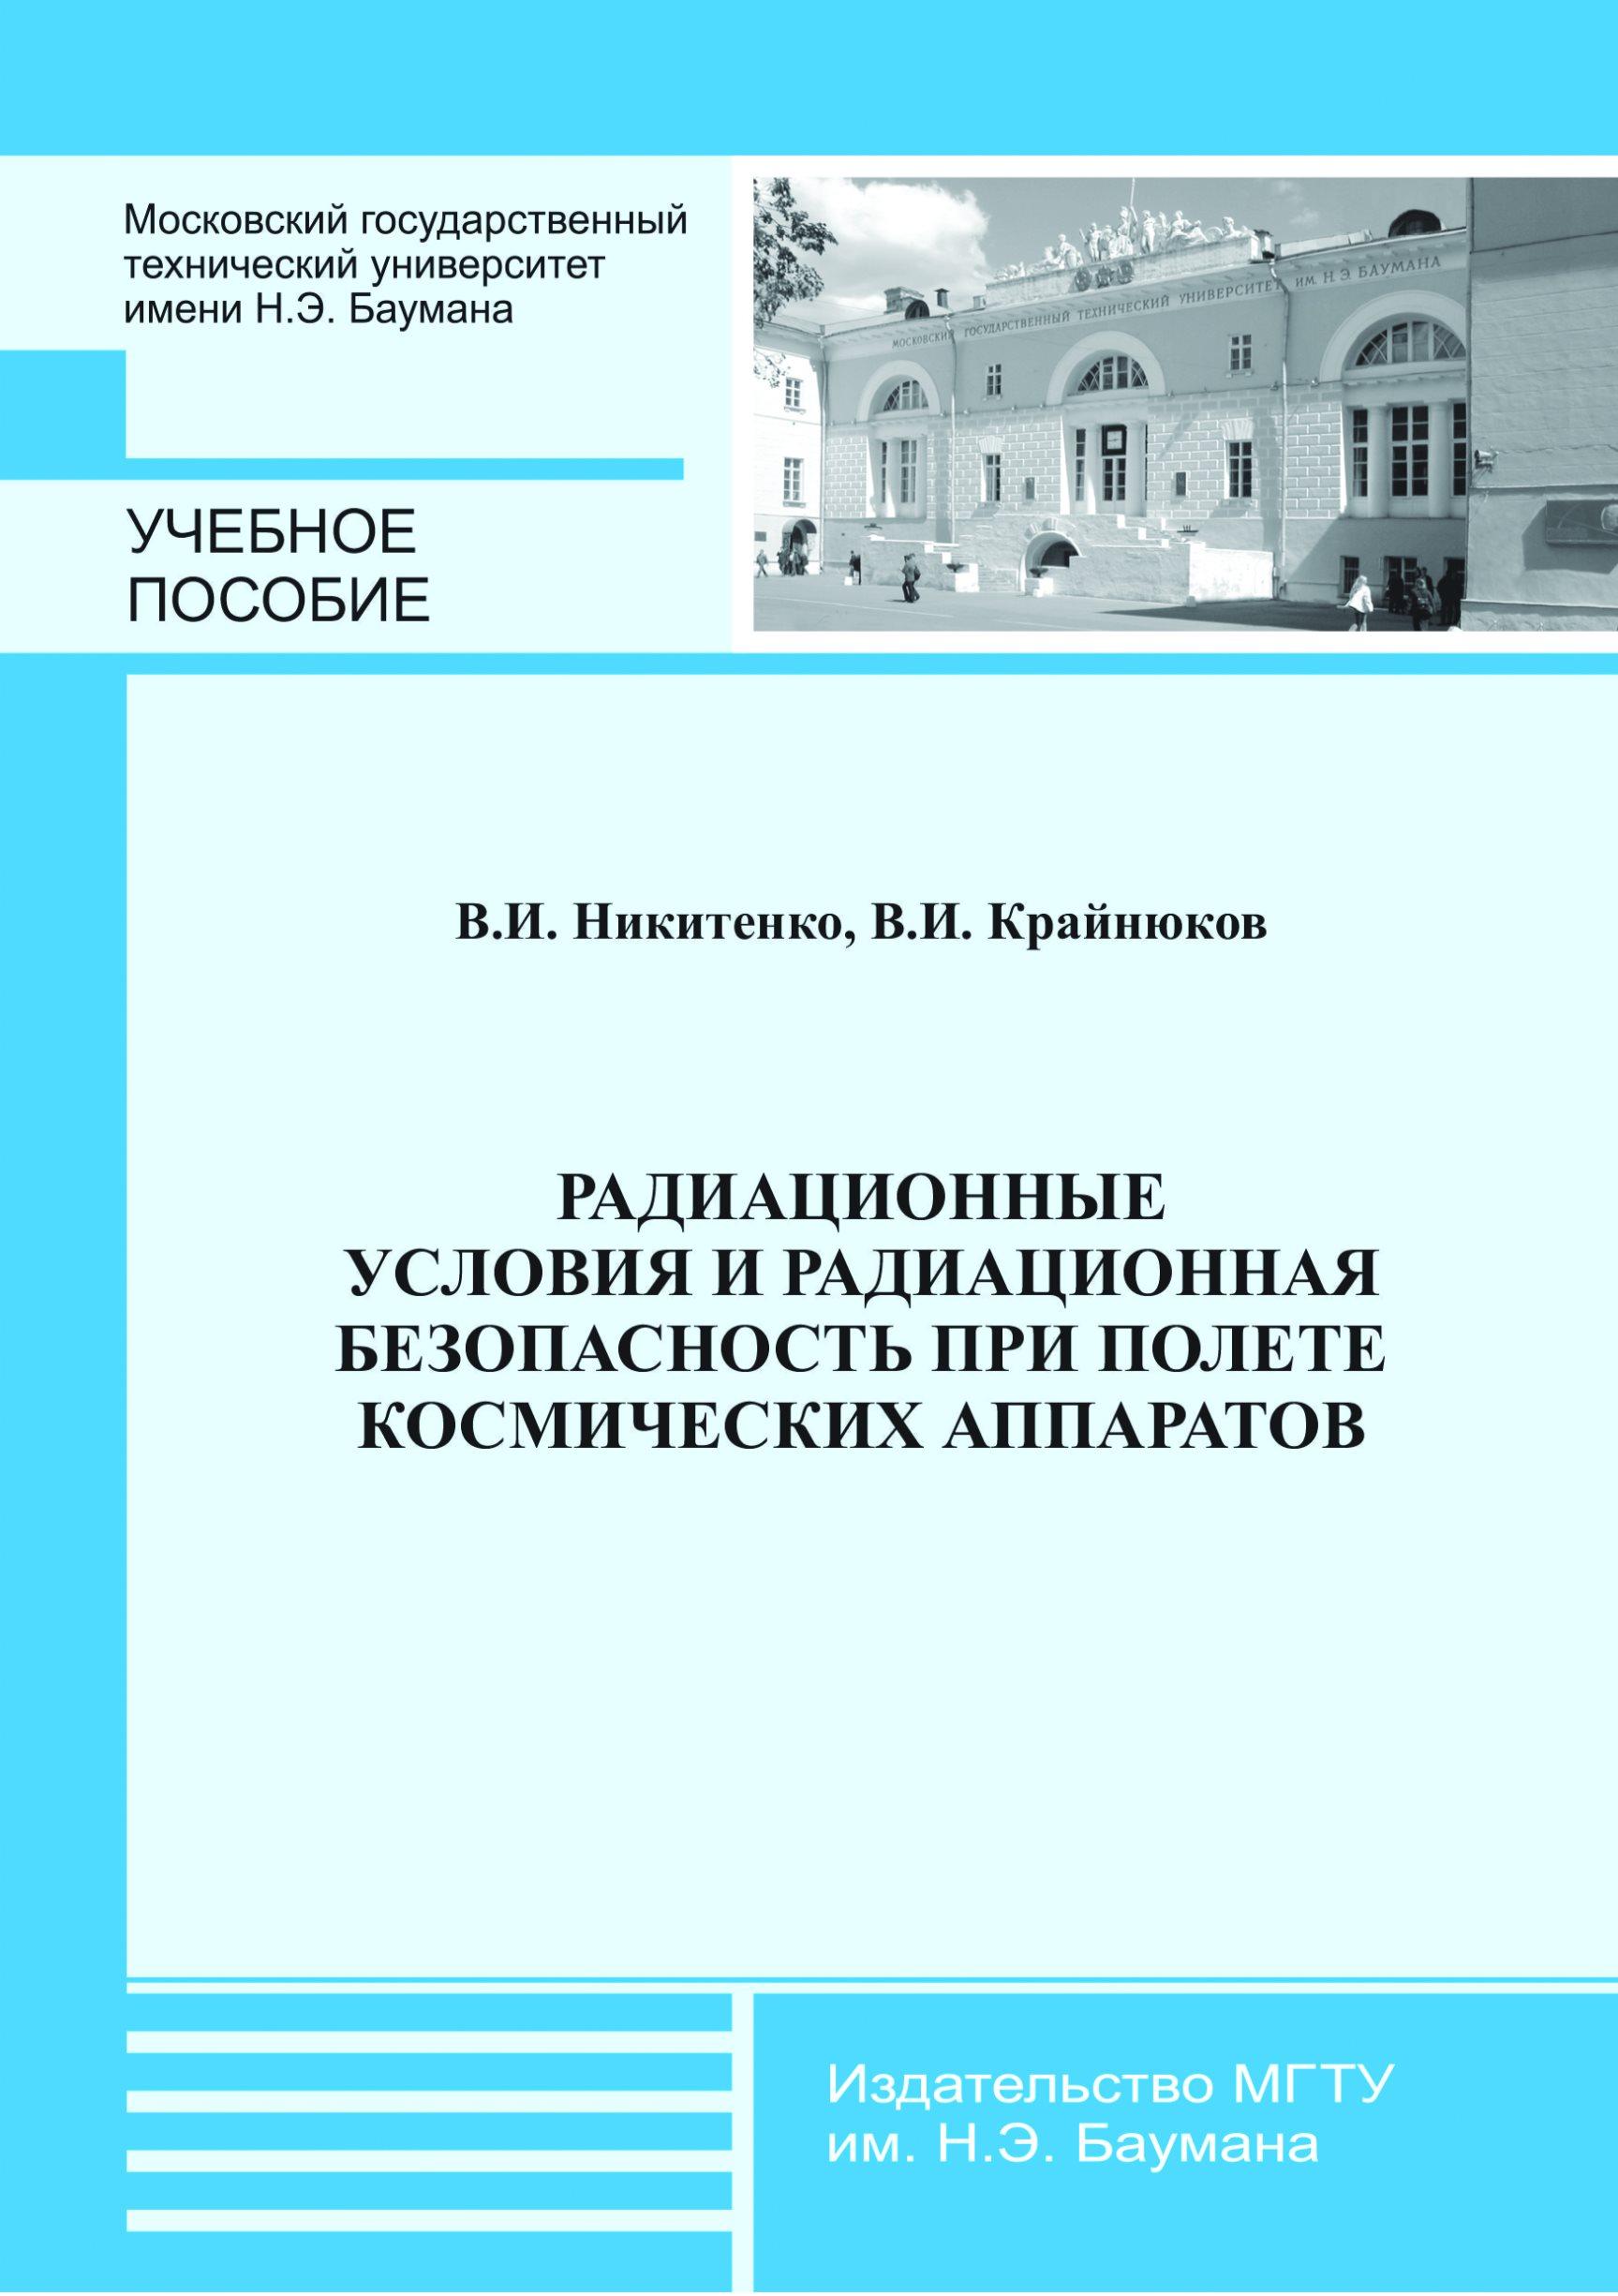 Владимир Крайнюков Радиационные условия и радиационная безопасность при полете космических аппаратов